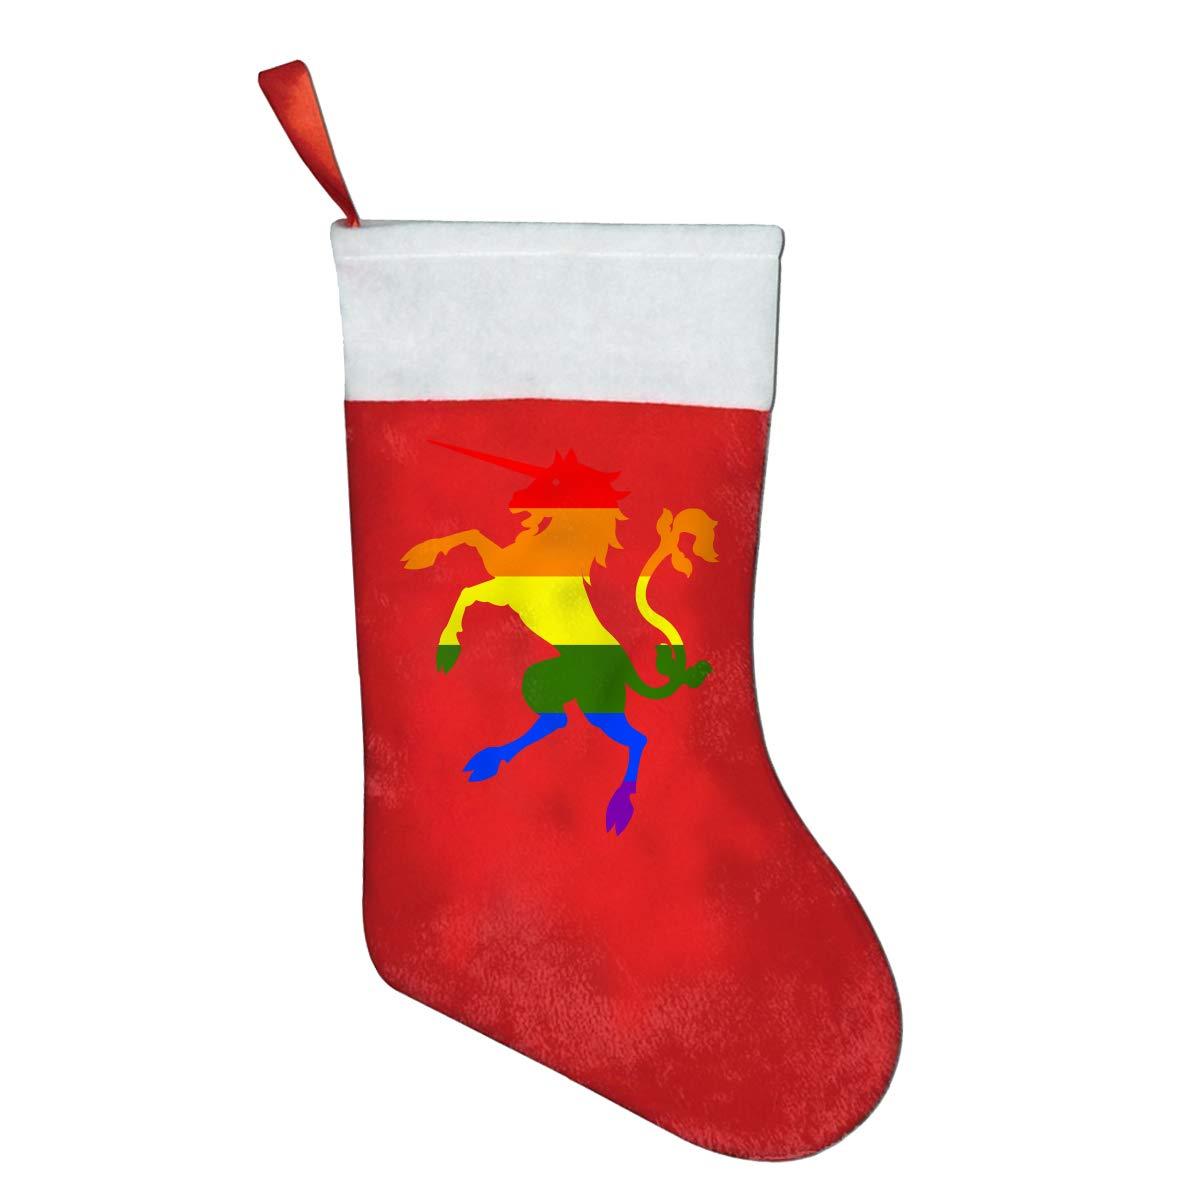 YISHOW Unicorn Animal Personalized Christmas Stocking